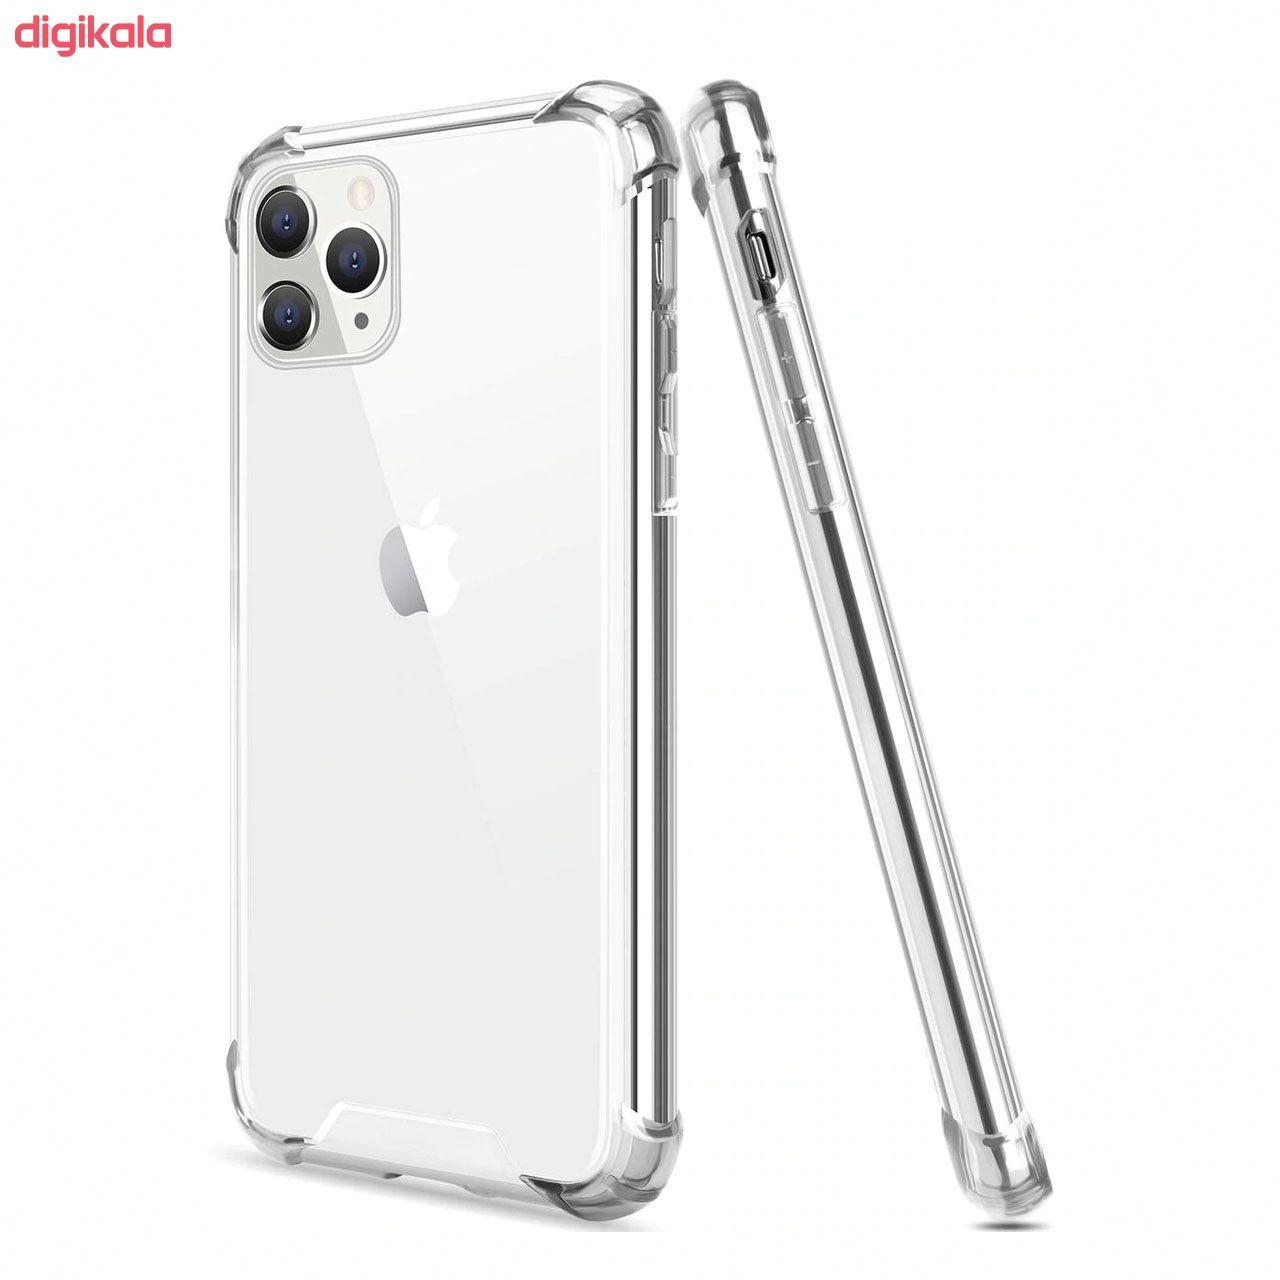 کاور مدل Eouro مناسب برای گوشی موبایل اپل iPhone 11 Pro main 1 3